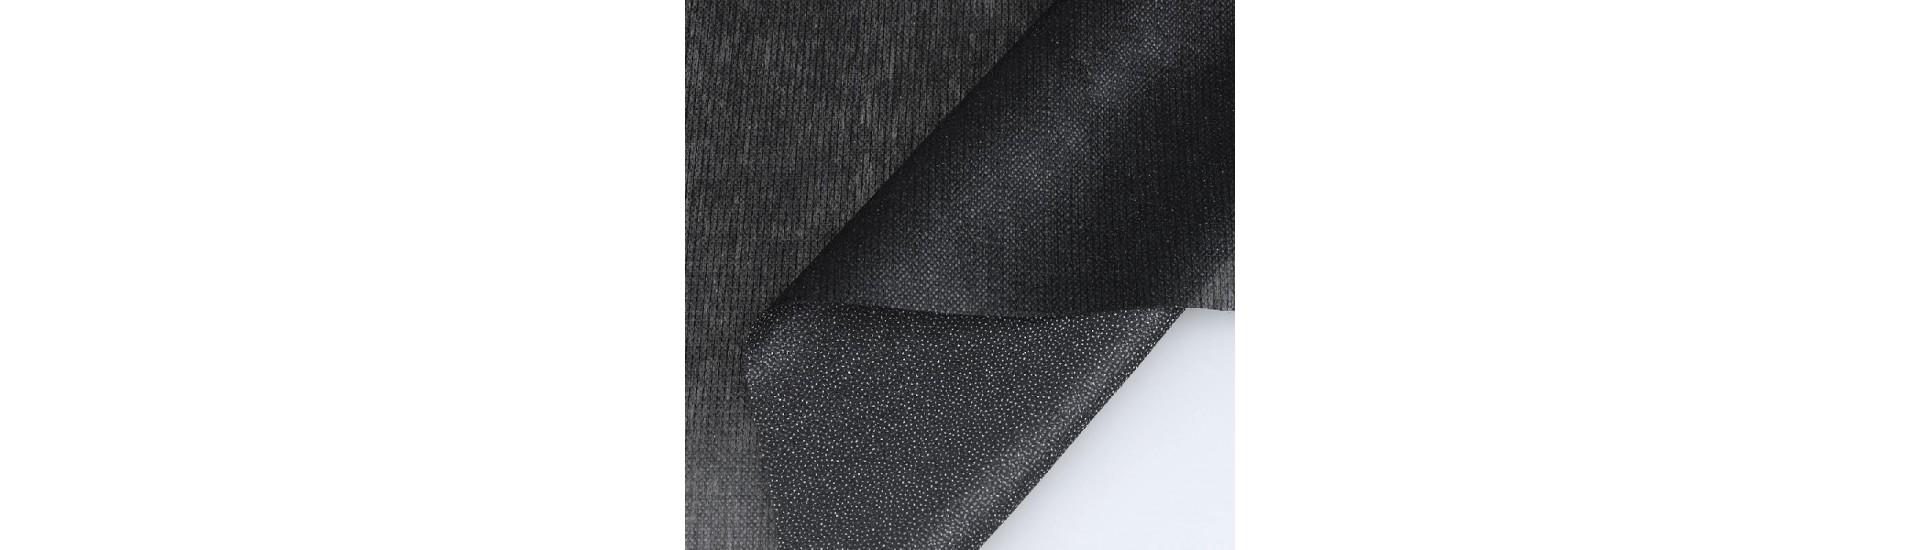 Флизелин нитепрошивной клеевой 9523W (40 г/кв. м) черный 90 см/100 м